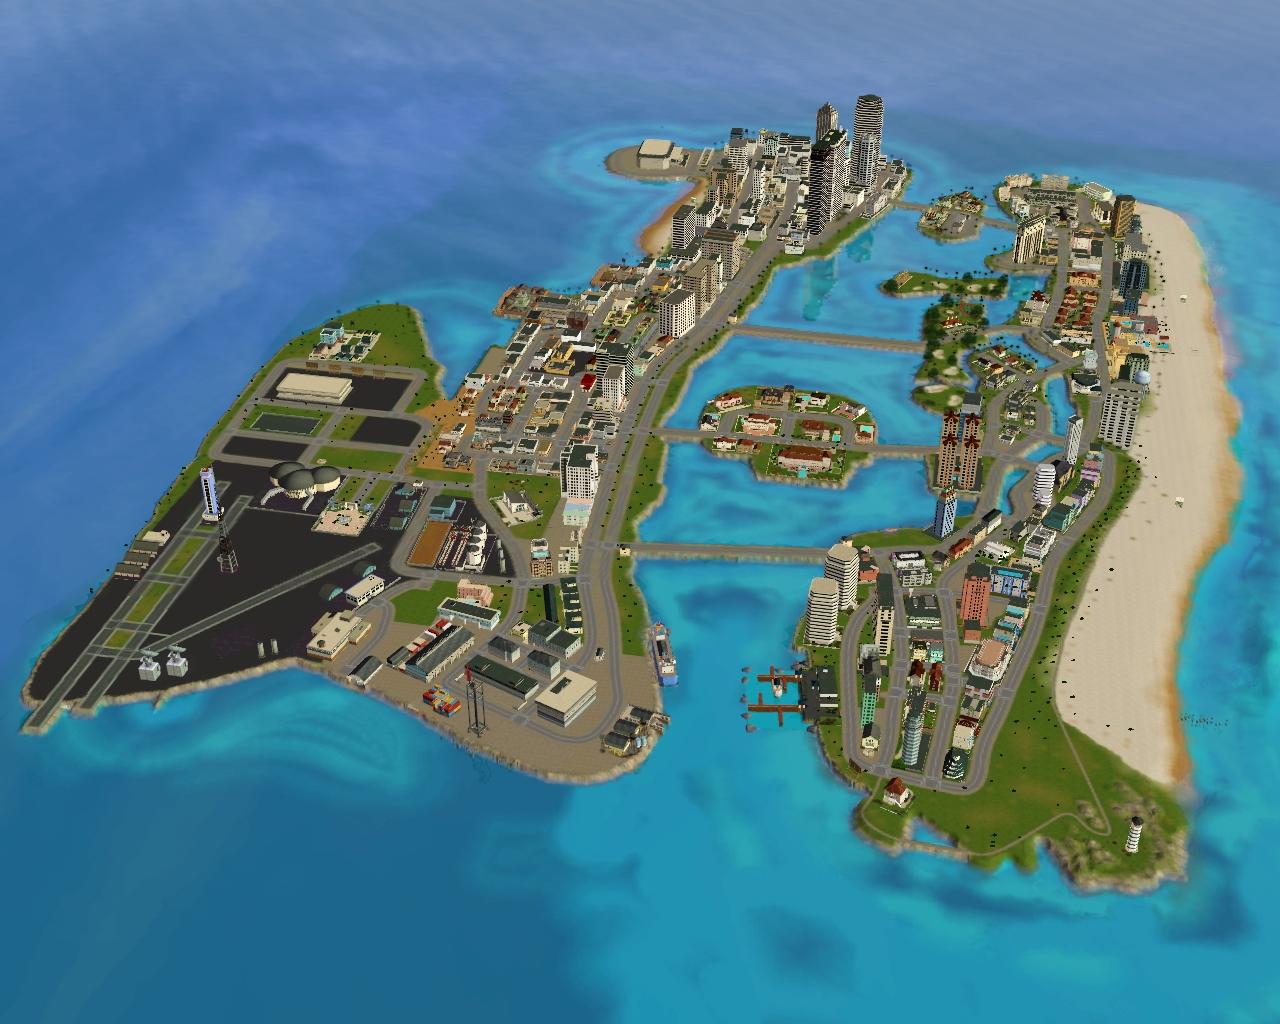 Карта GTA Vice City, прототипом для создания которой послужил город Майами